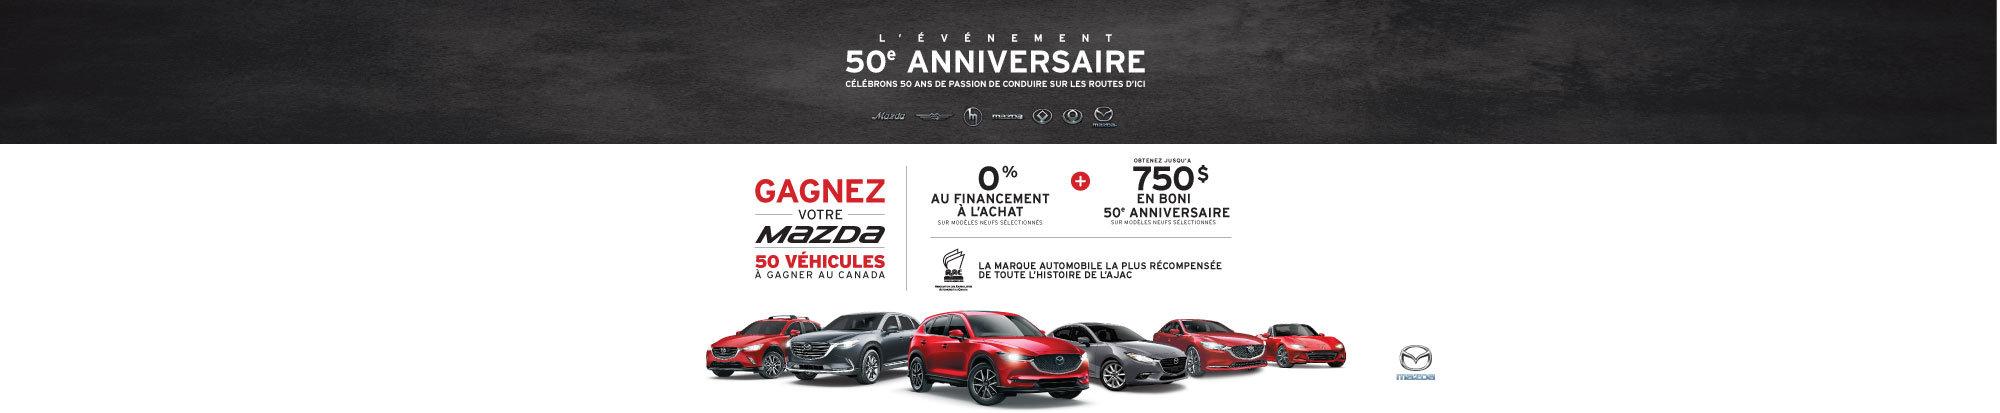 L'événement 50e anniversaire Mazda est en cours! web